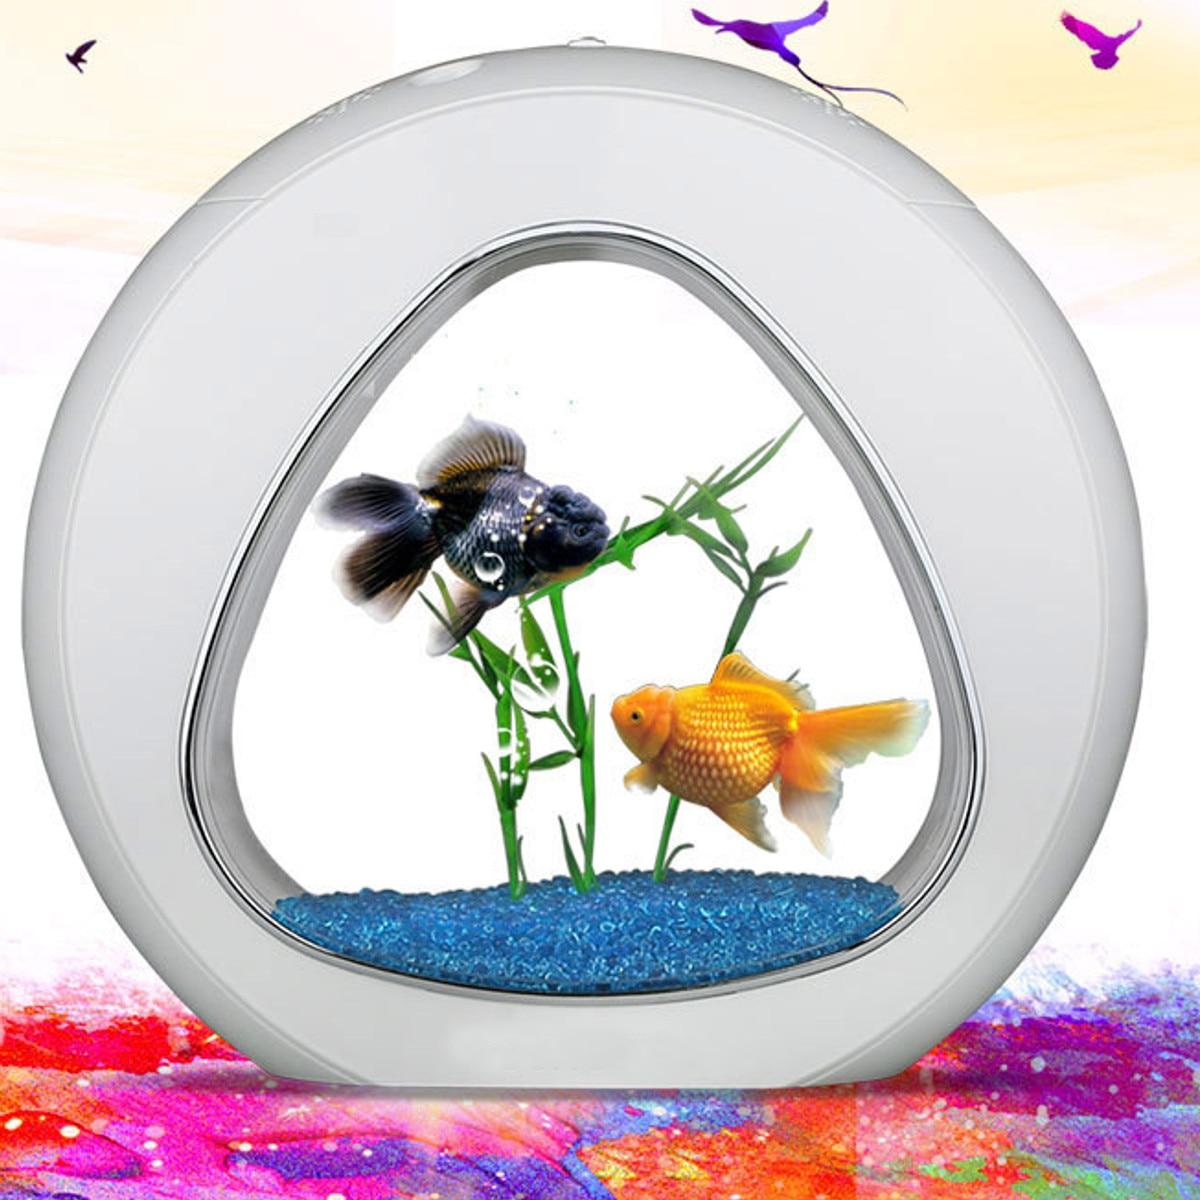 Système de lumière LED écologie réservoir de poisson intégration filtre à eau pompe à oxygène Mini Aquarium maison bureau Aquarium Table décoration